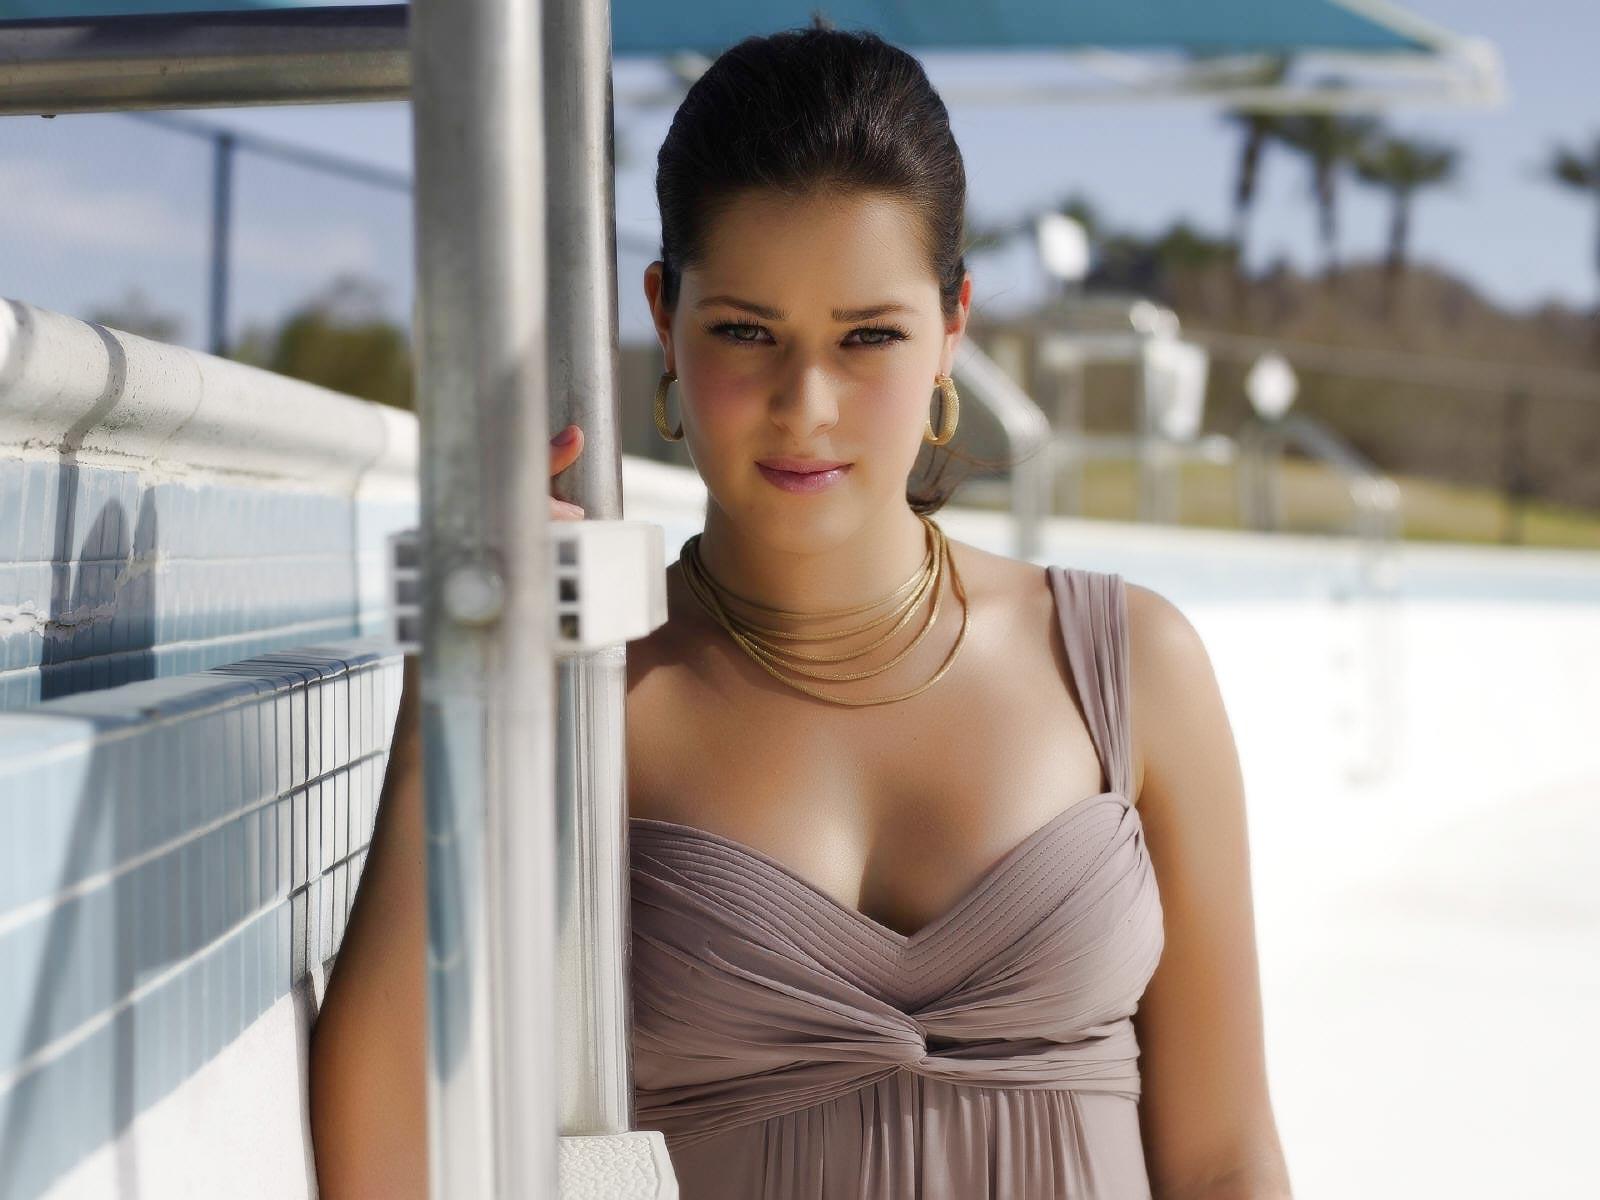 TheFappening: Liana Liberato Nude